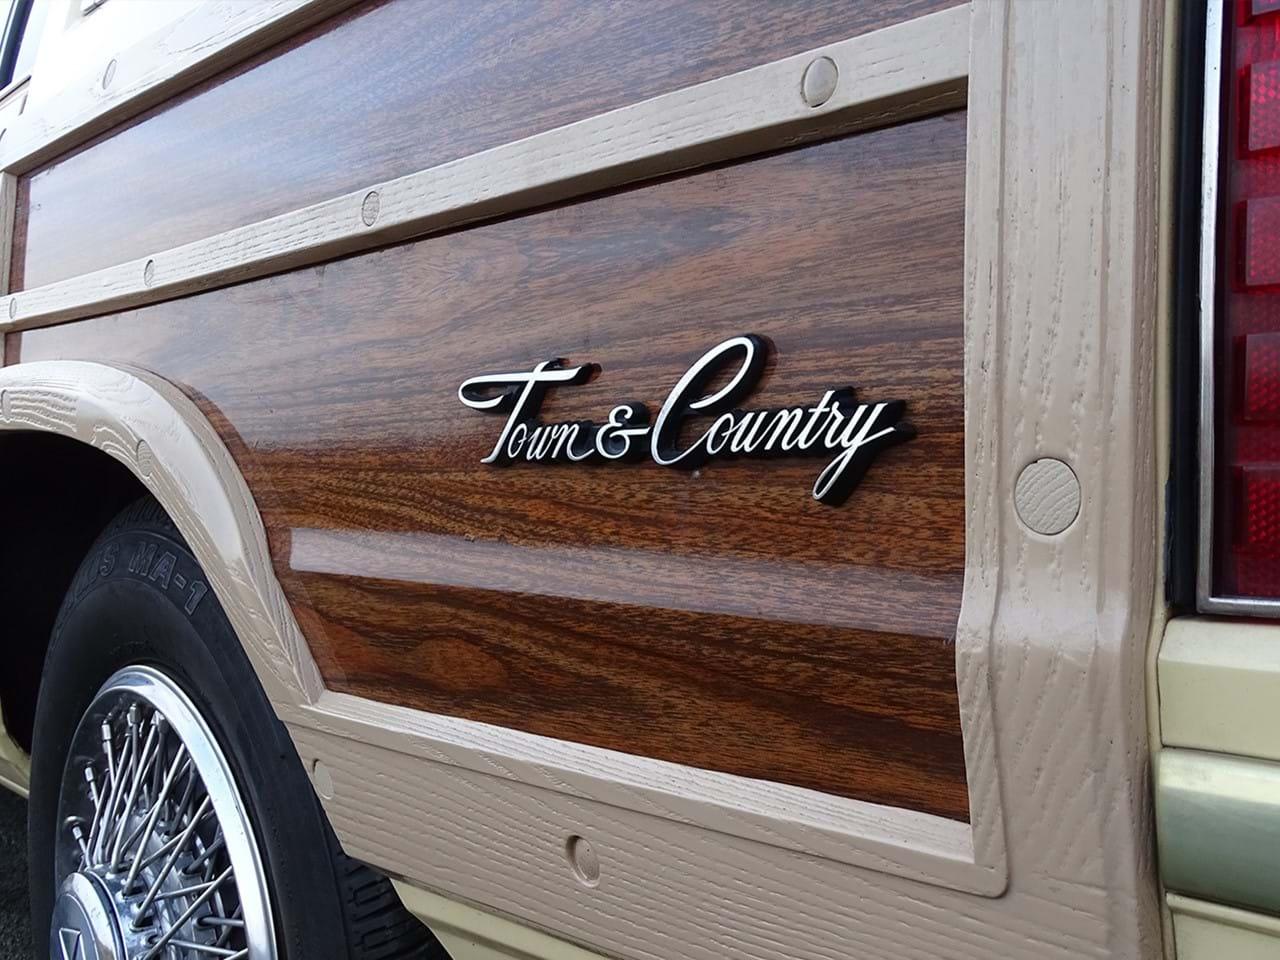 1985 Chrysler LeBaron Town and Country Wagon badge wood